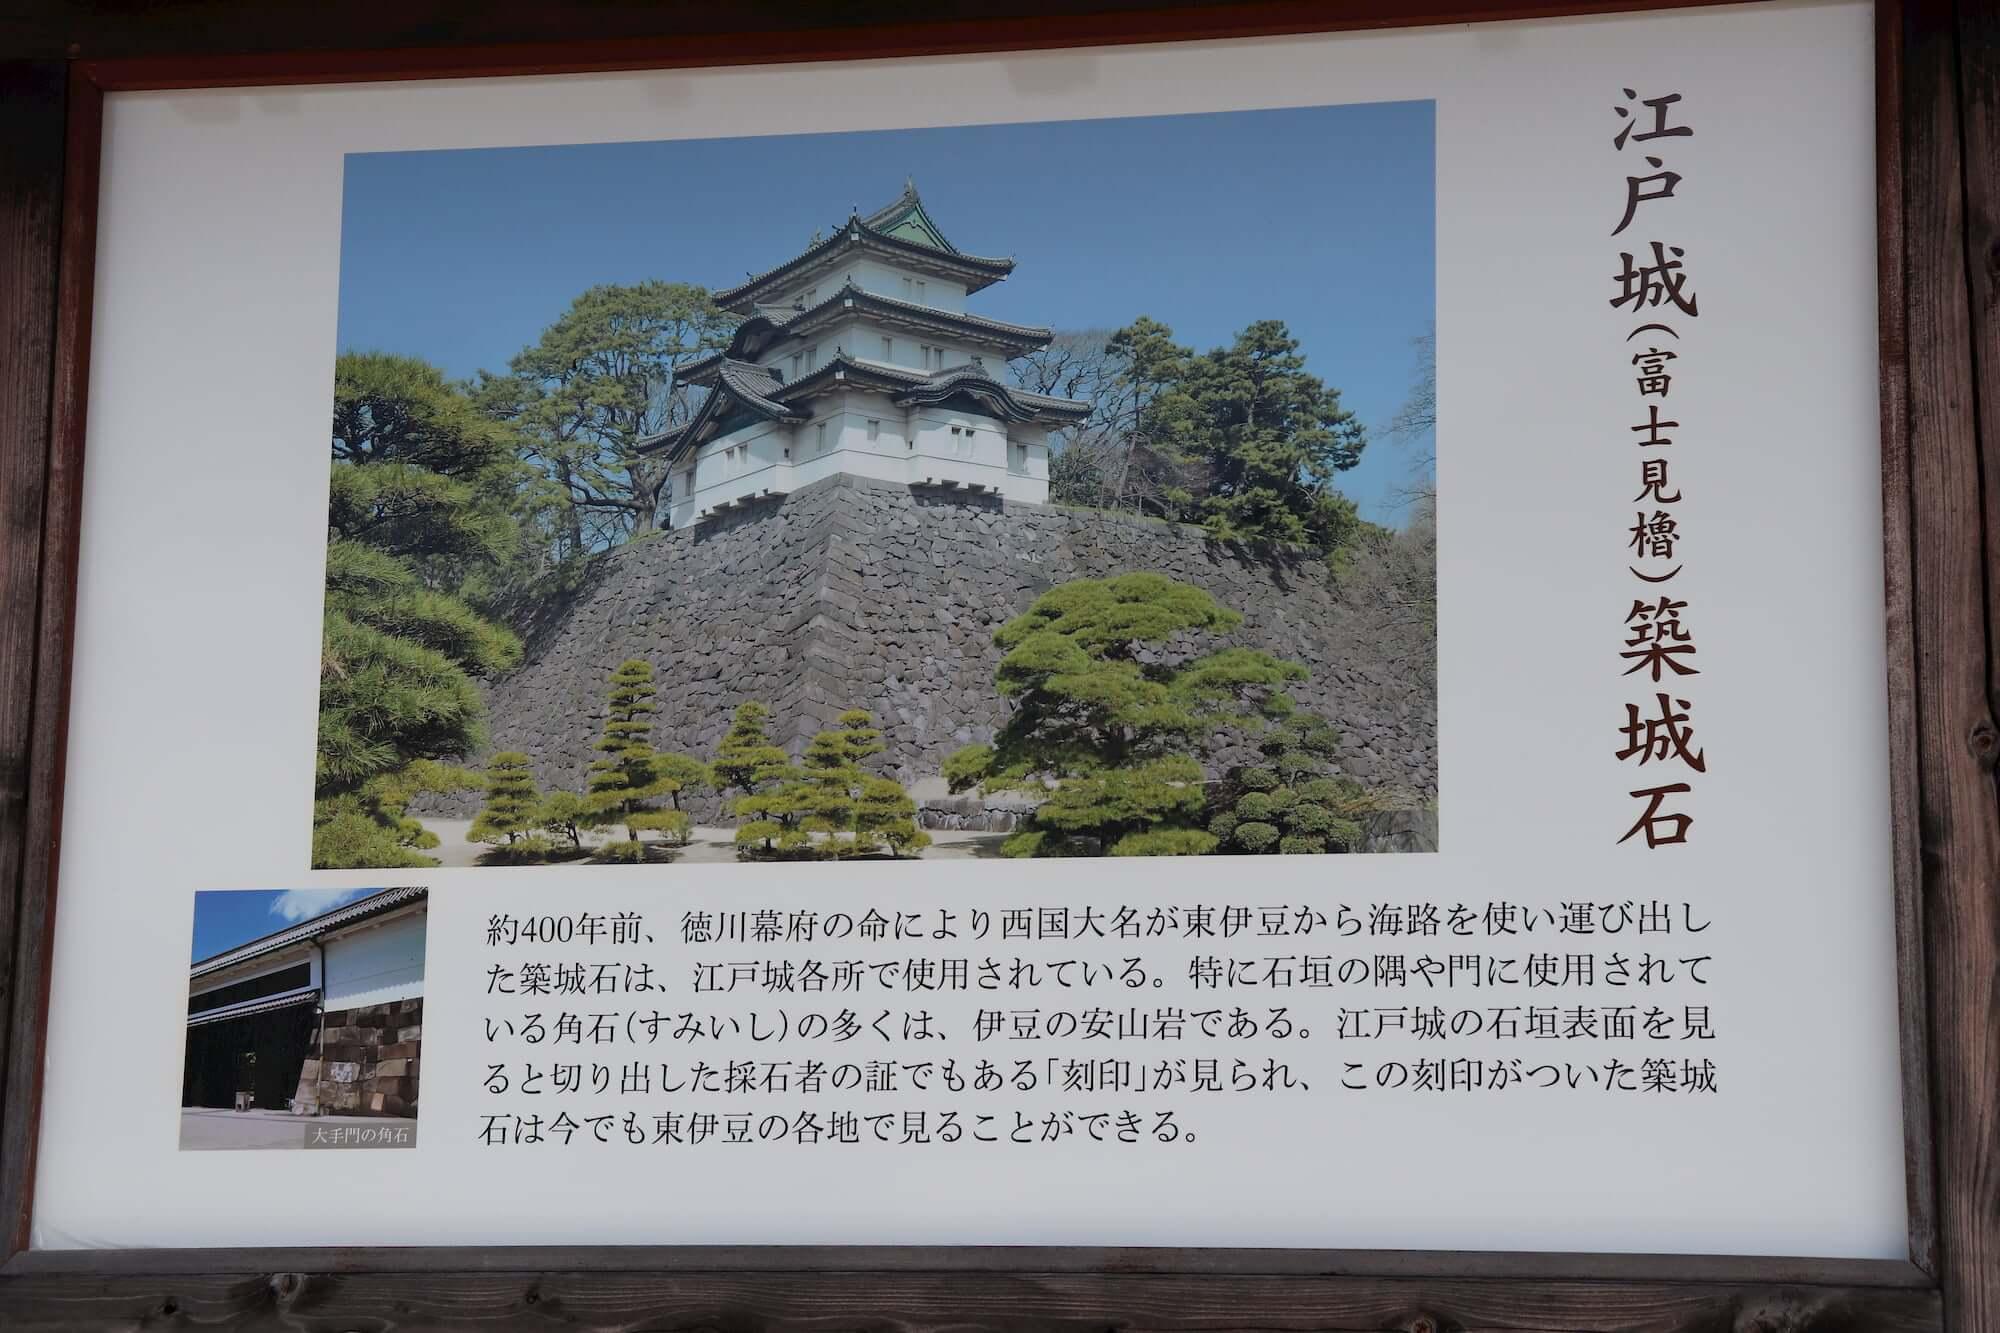 江戸城と築城石